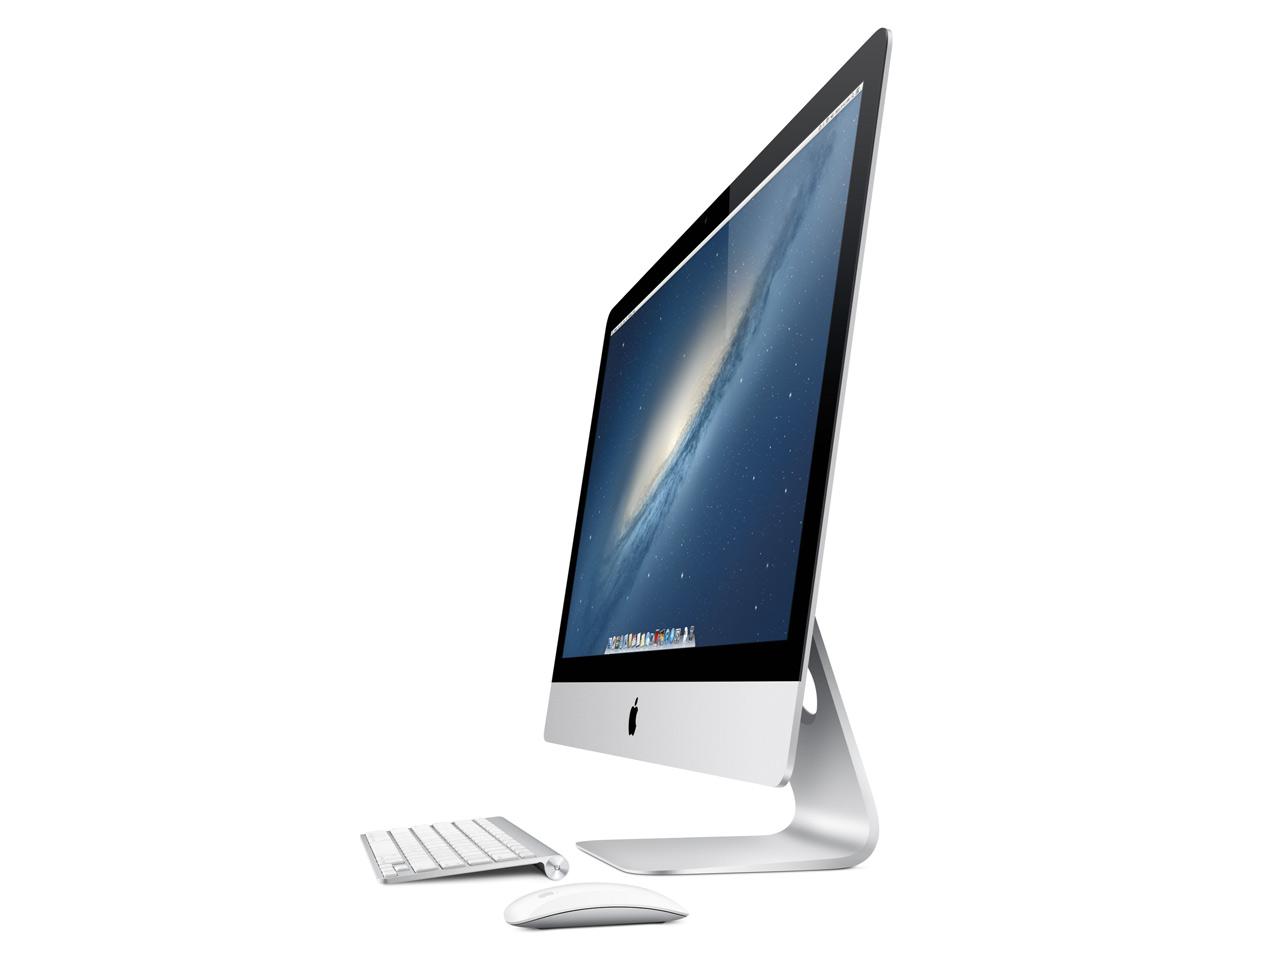 中古デスクトップApple【中古】 iMac (27-inch, Late 2013) i5 ME088J/A【中古】 ME088J/A Apple iMac (27-inch, Late 2013) 中古デスクトップCore i5 OS X 10.10, フルーツ 大和の匠:4067ecaa --- officewill.xsrv.jp